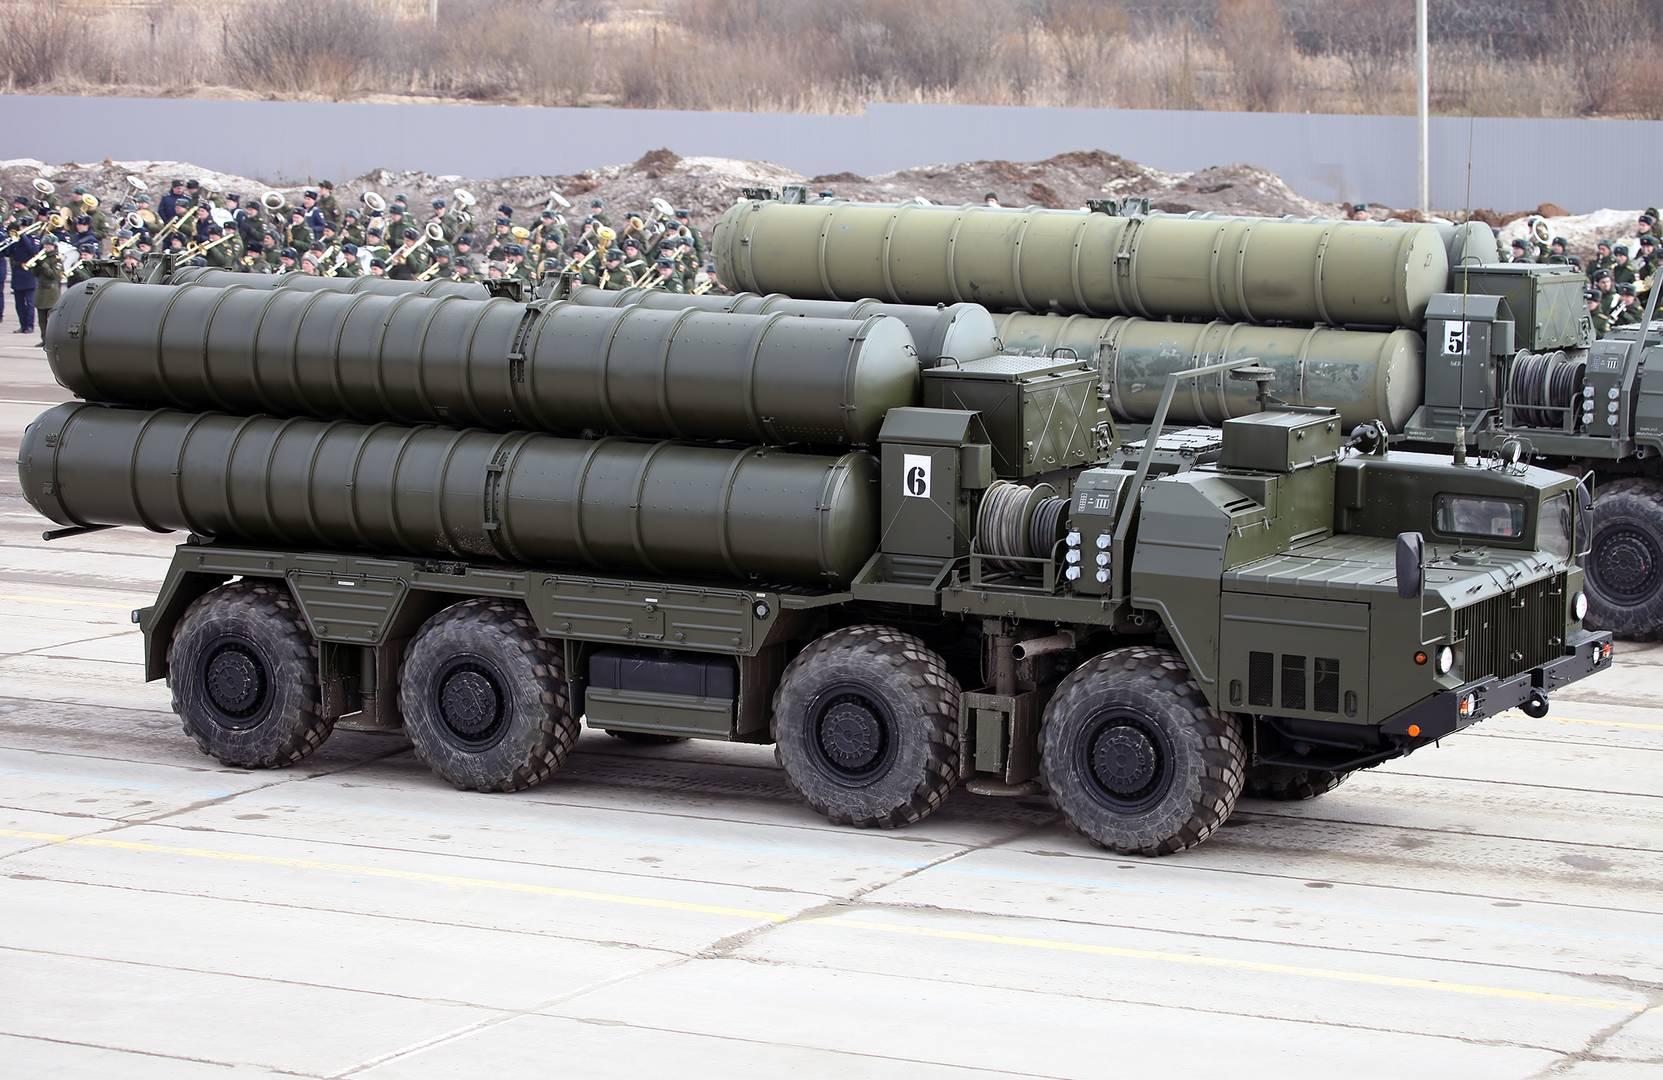 Пусковая установка 5П85СМ2-01 из состава ЗРС С-400 (Фото — Виталий Кузьмин)